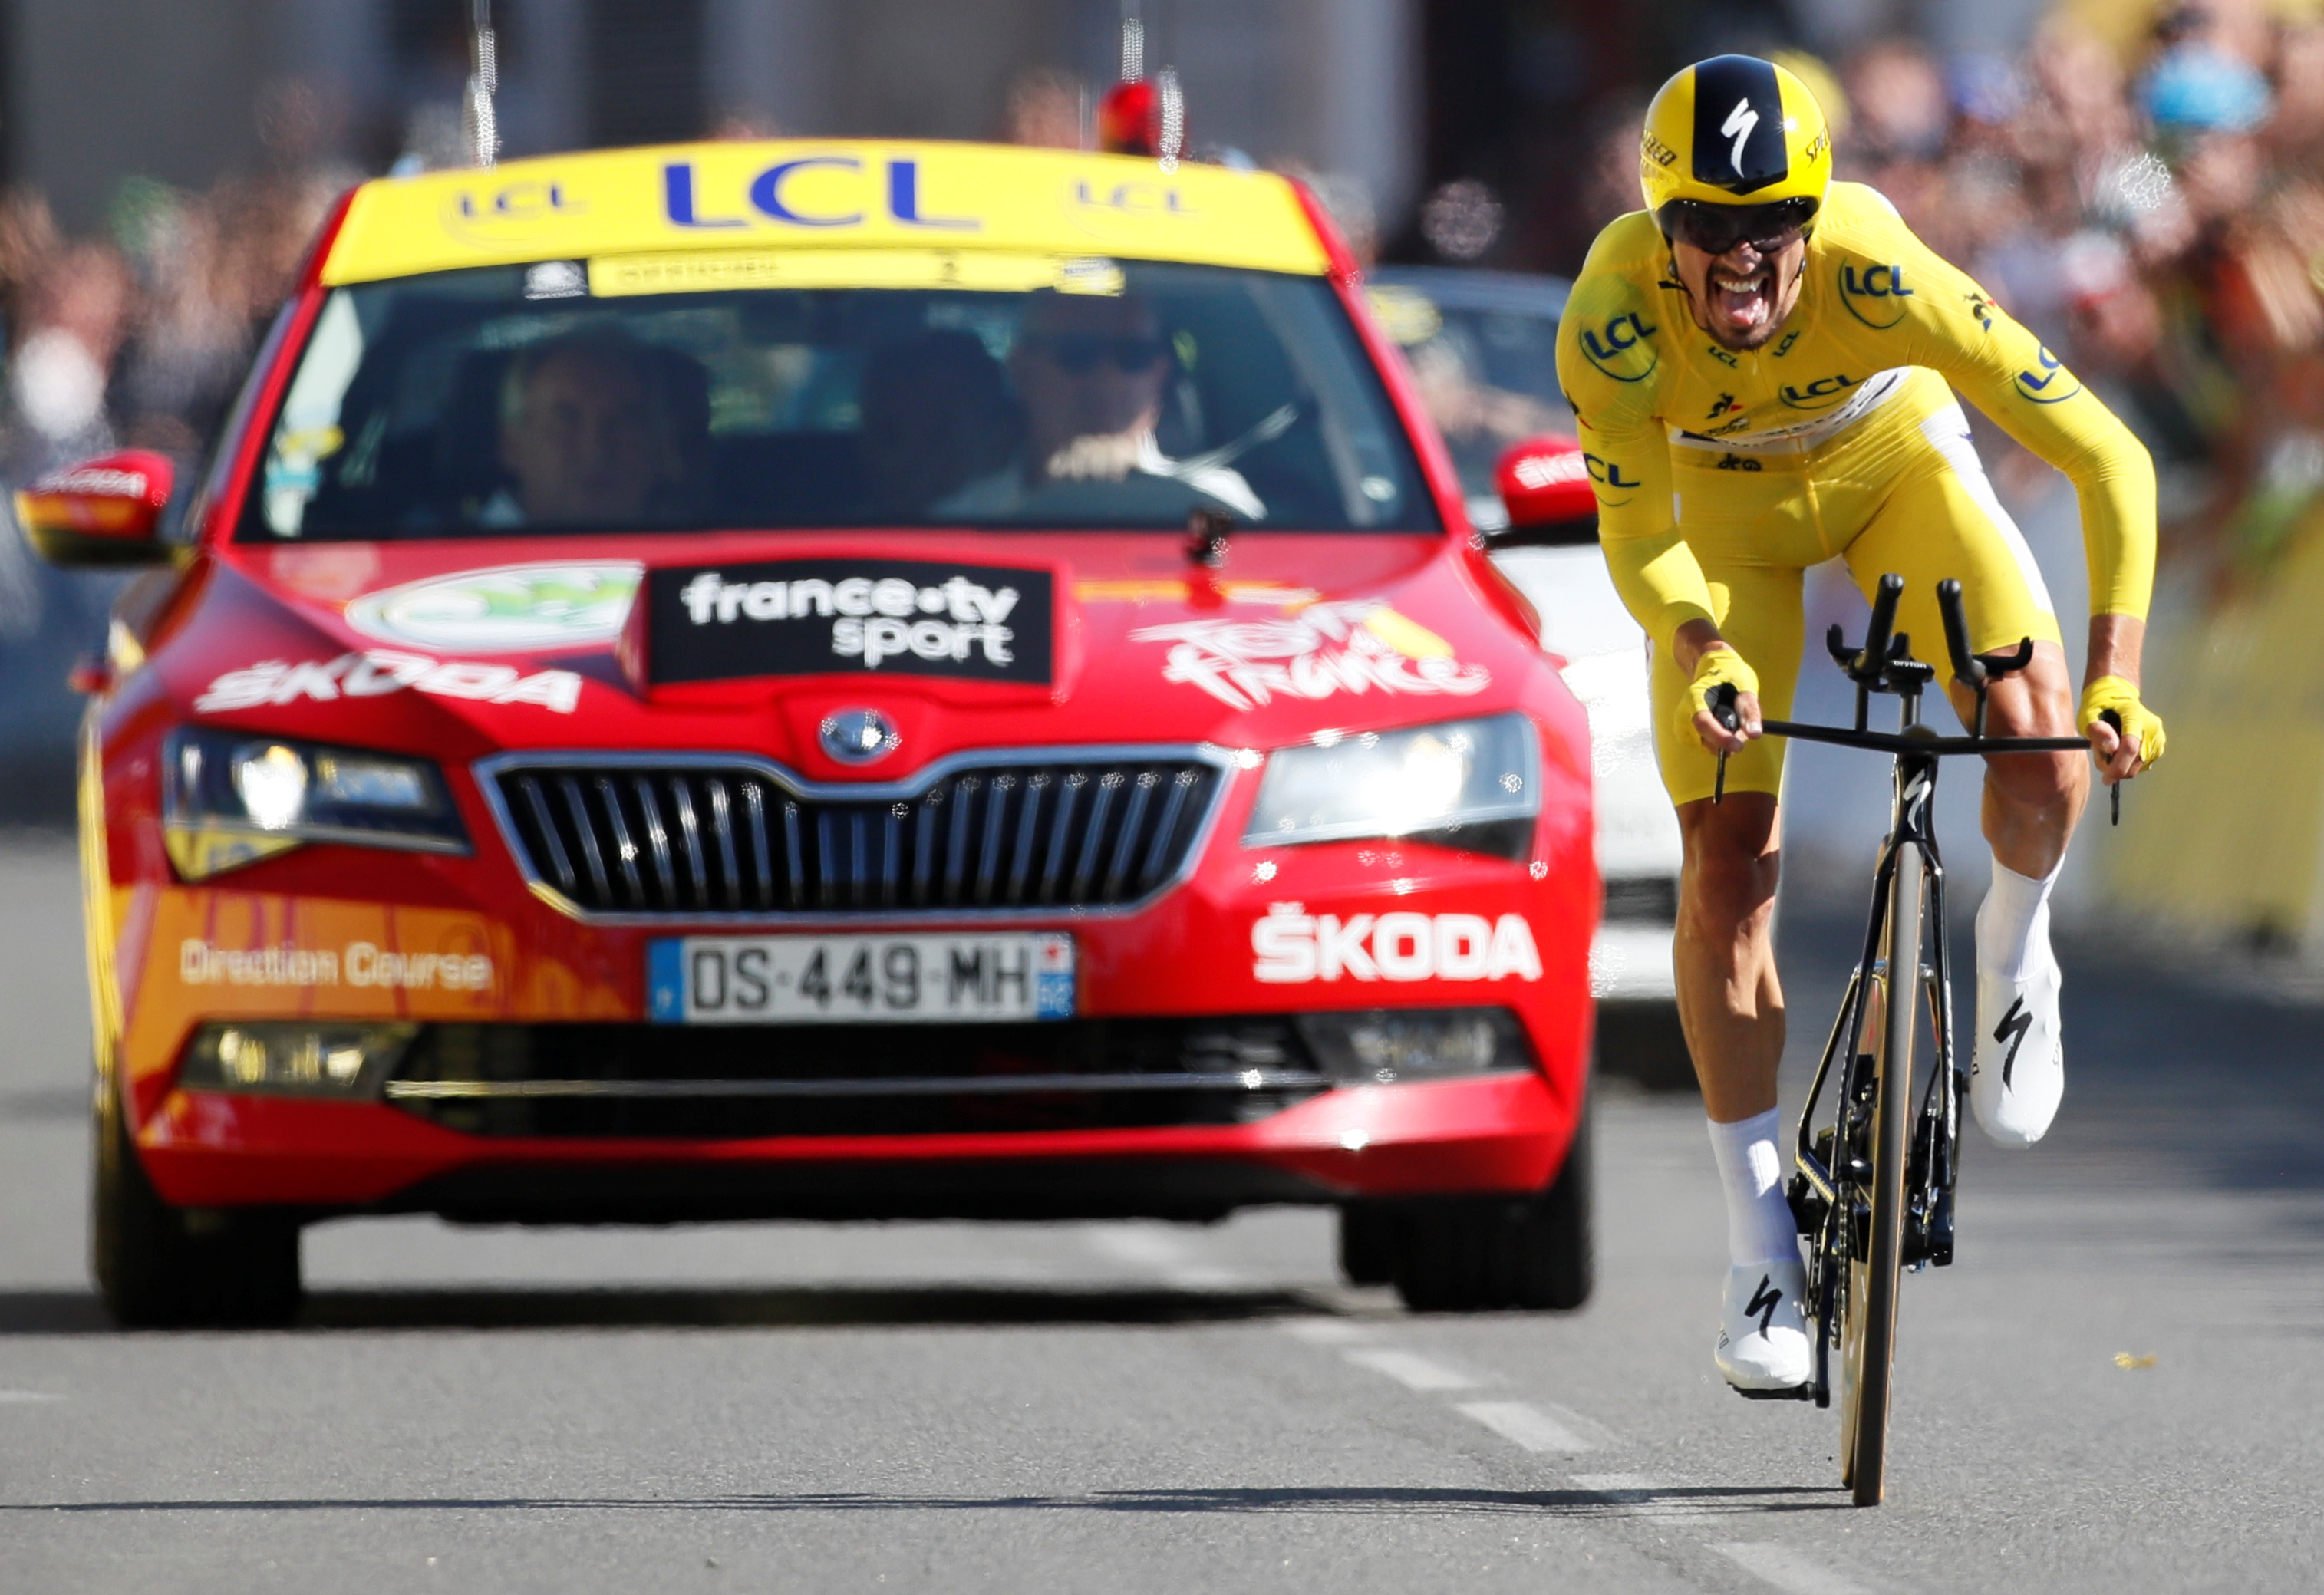 Cyclisme - Tour de France - Tour de France 2019 : Alaphilippe épatant sur le chrono.... ce qu'il faut retenir de la 13e étape